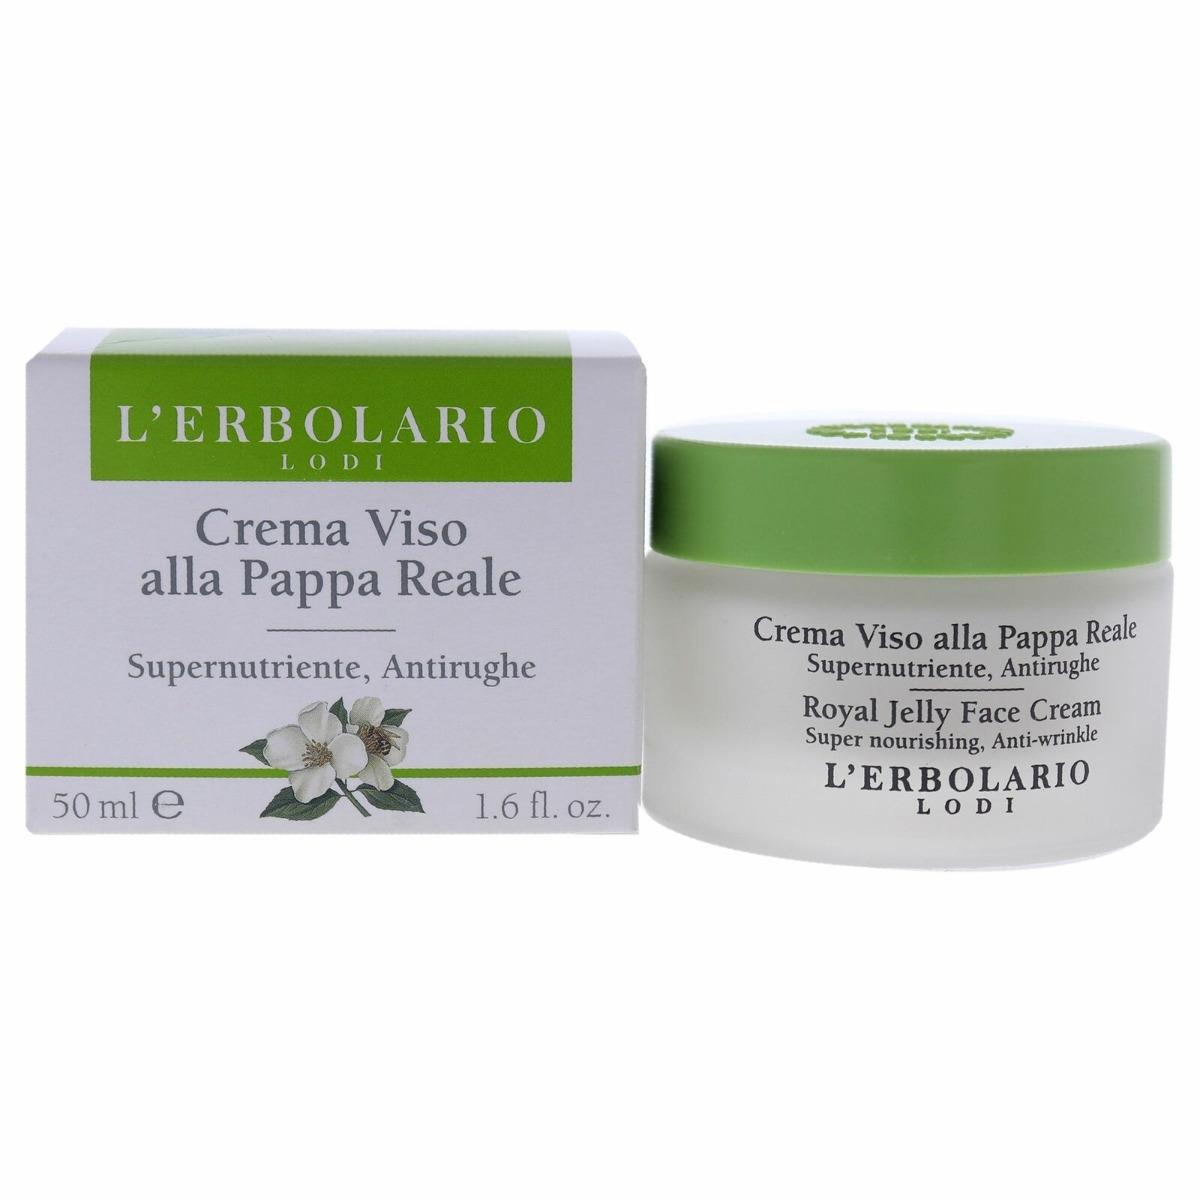 L'Erbolario Crema de fata cu laptisor de matca, 50ml drmax.ro